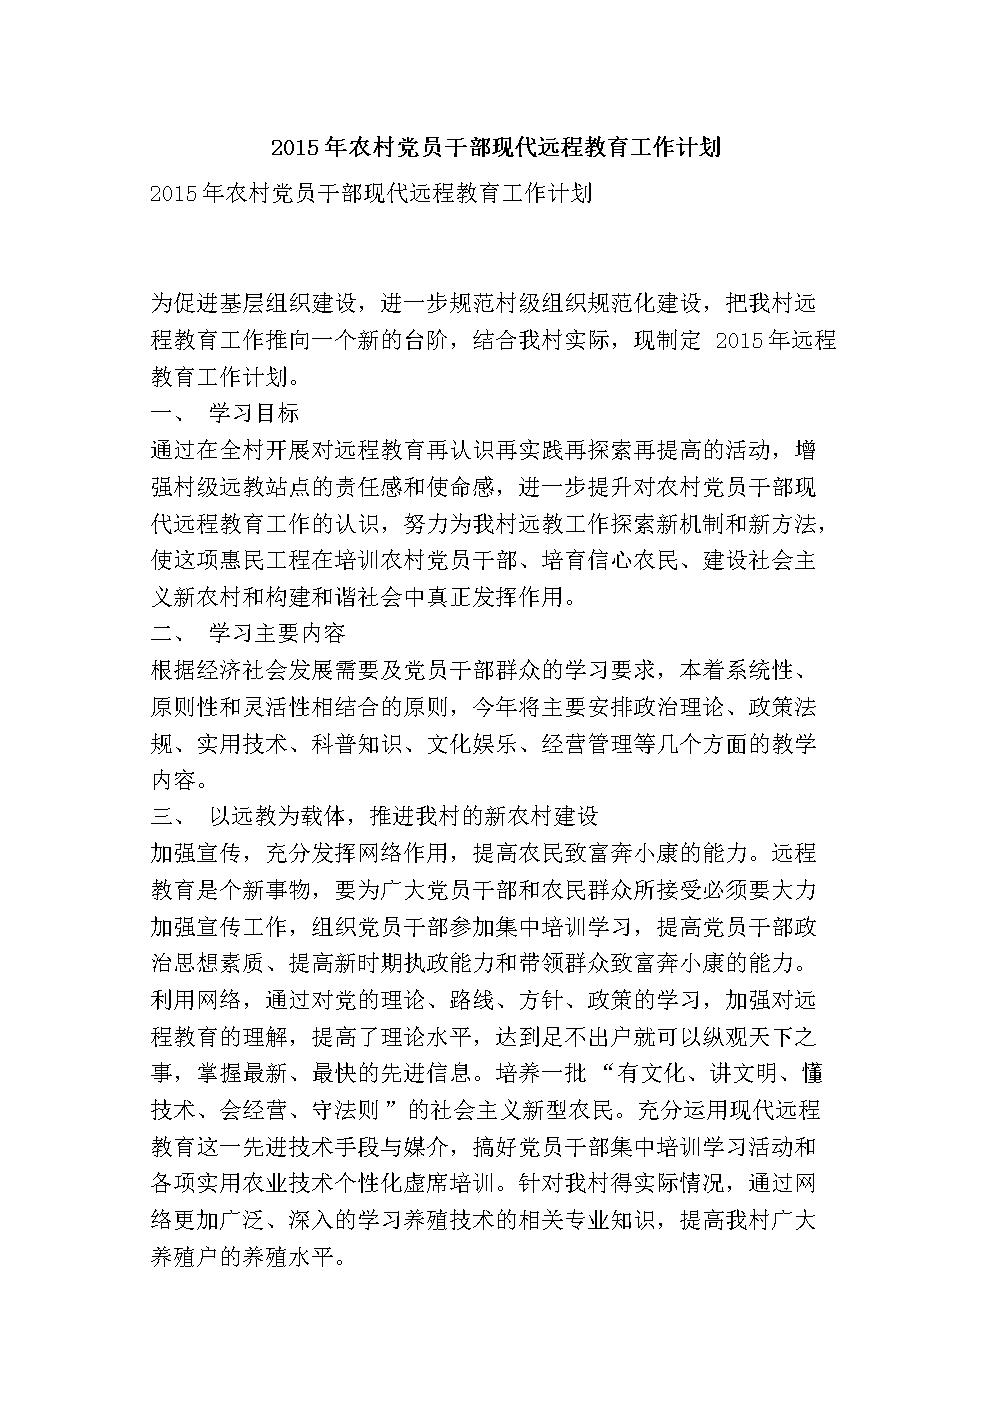 2015年农村党员干部现代远程教育工作计划.doc